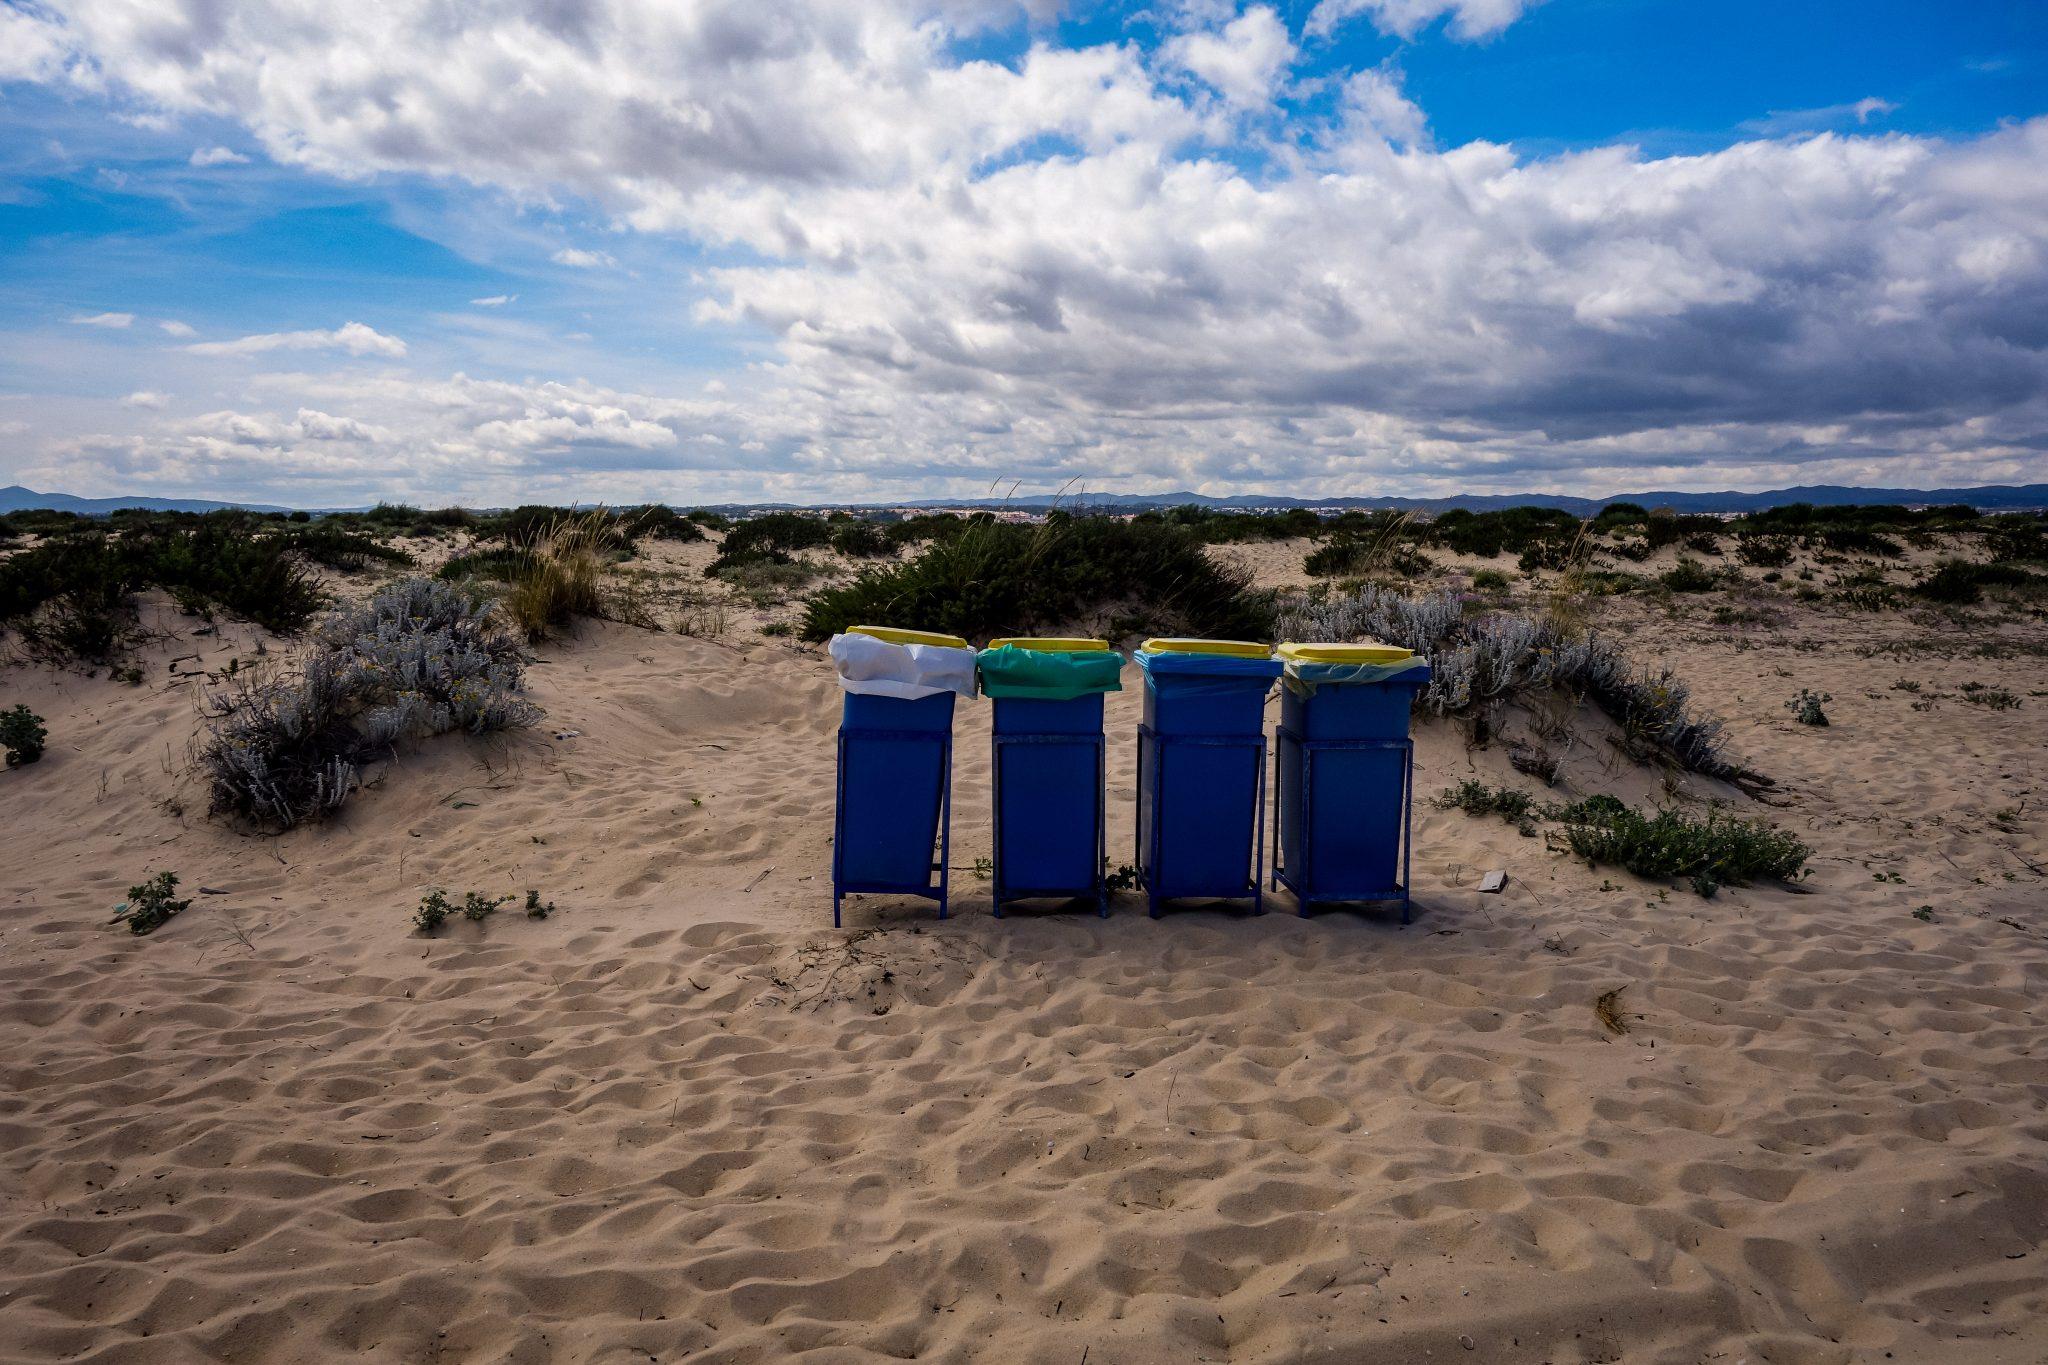 Mülltonnen auf Tavira Island, Portugal. Toiletten: Mangelware!